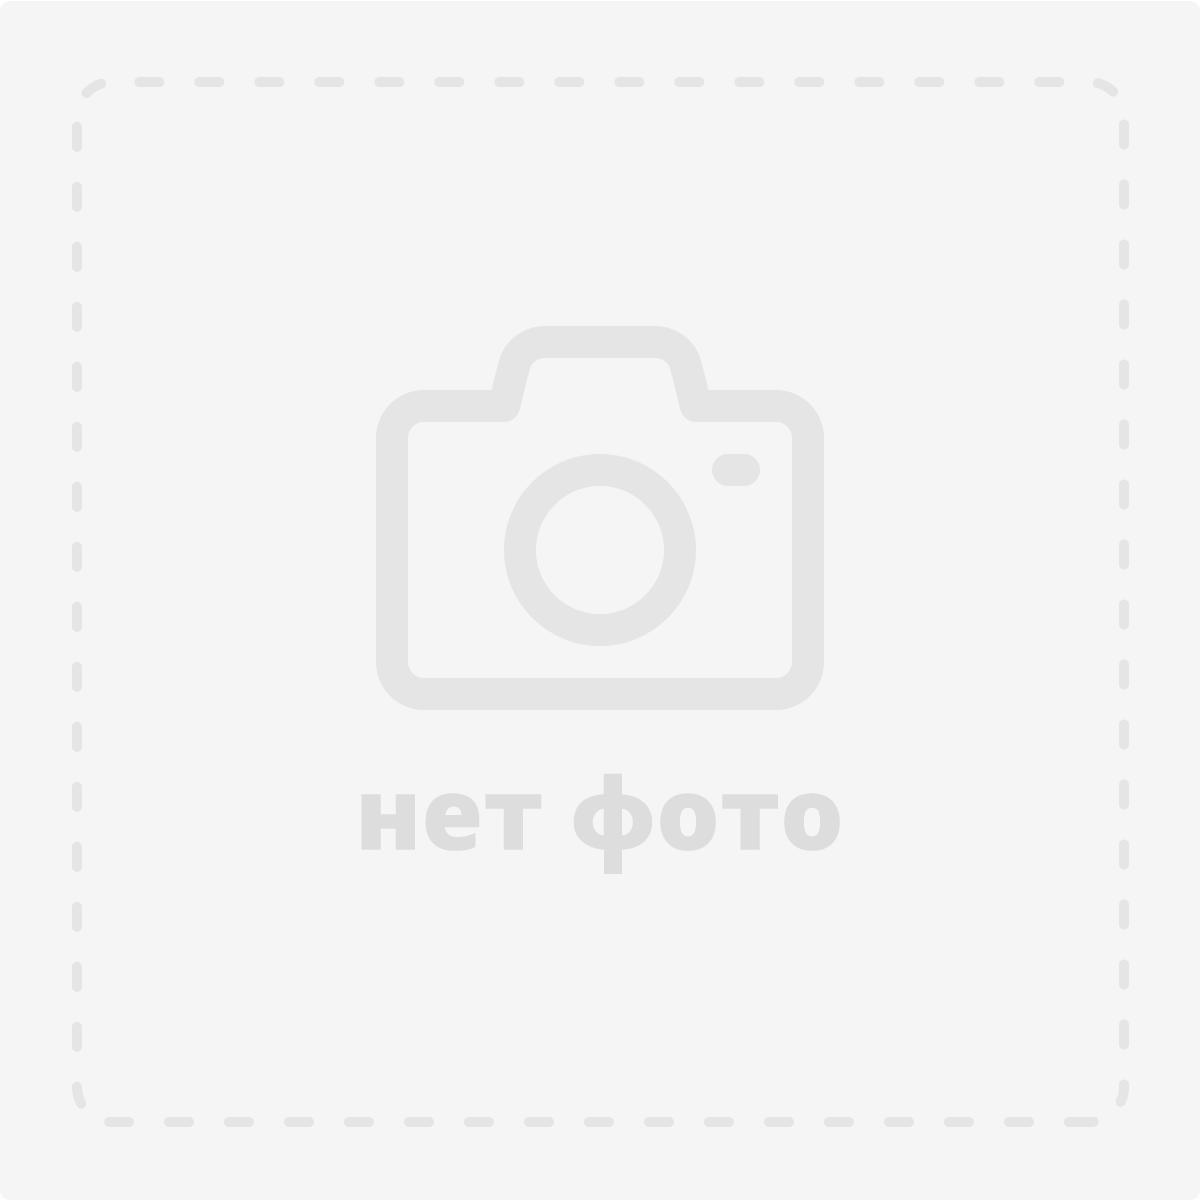 Монета 150 лет со дня рождения Адряника Озаняна